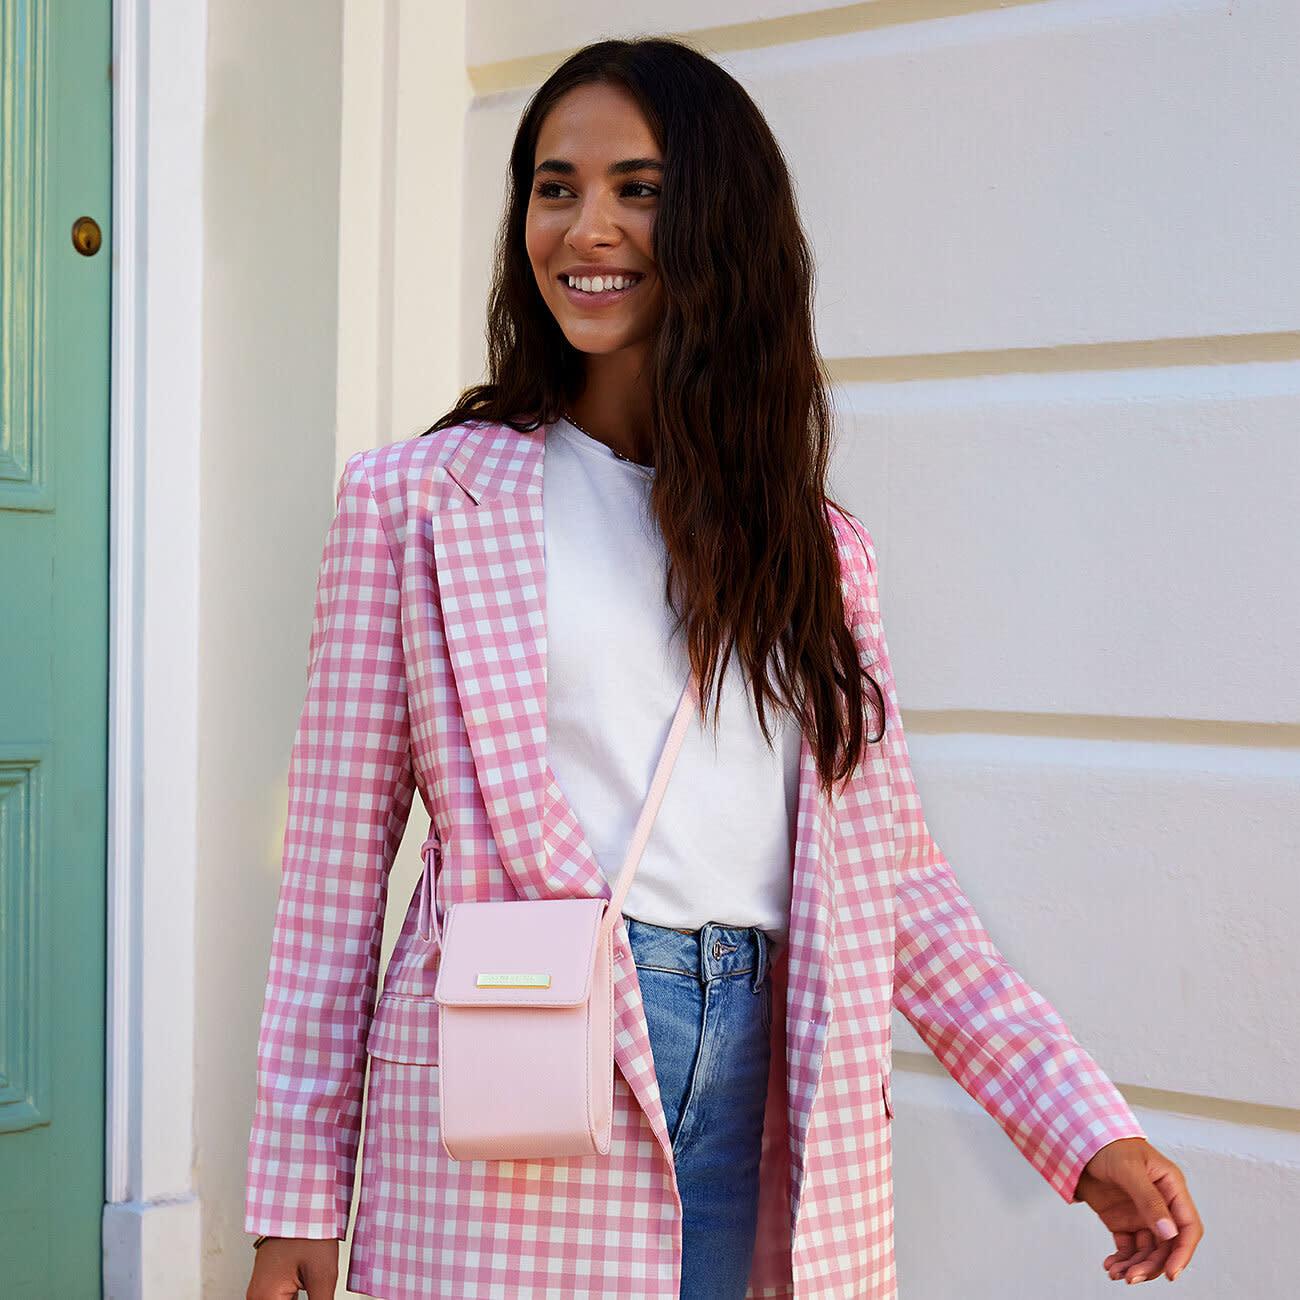 Katie Loxton Katie Loxton Taylor corssbody bag - Pale pink - 18.5 x 10.5 x 4.5 cm